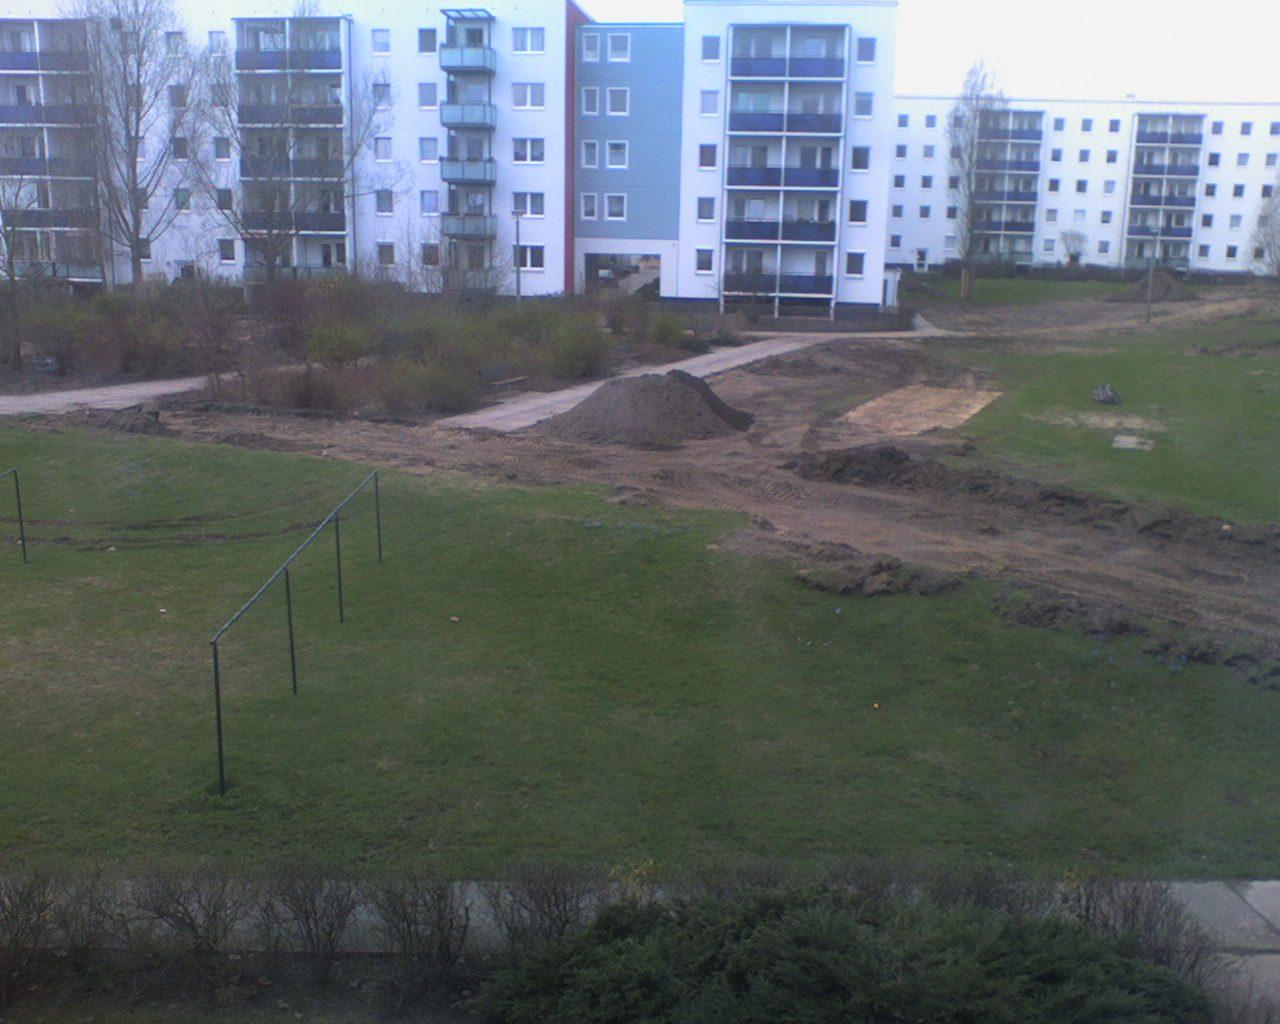 Umbau-Hof-19.04.2006-1